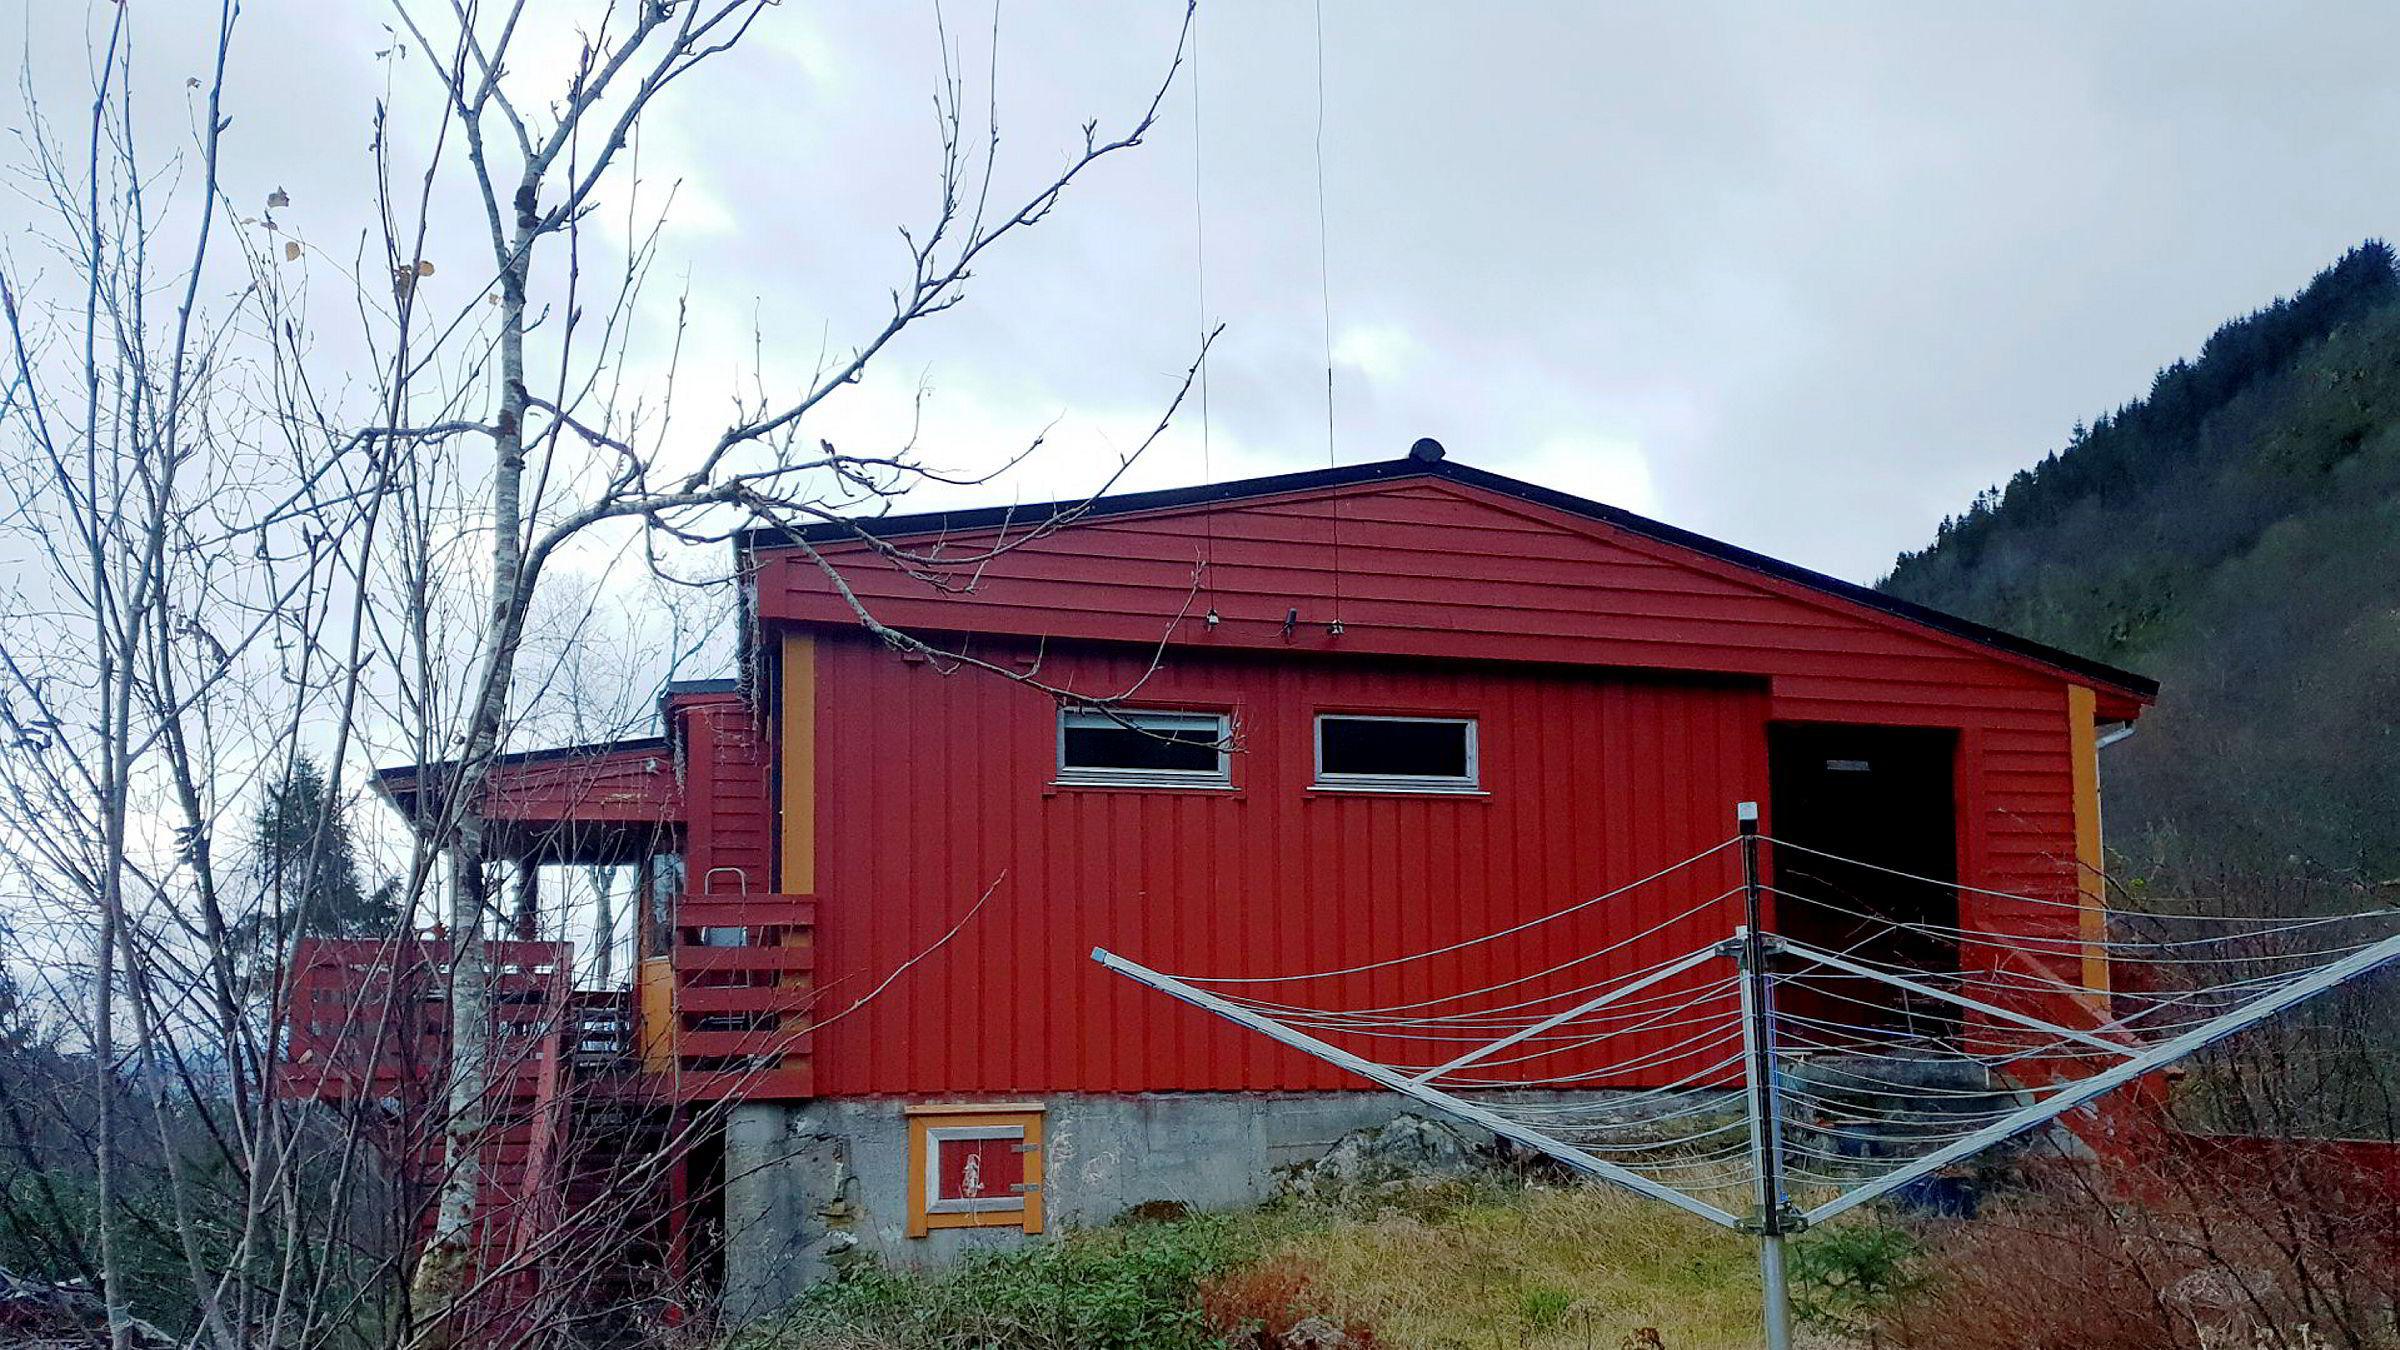 Hyttekjøpet i Meland kommune ble ikke det paret hadde drømt om. Problemene sto i kø: adkomstveien var ikke godkjent, manglende vannrett og feil ved elektrisk anlegg og tak.